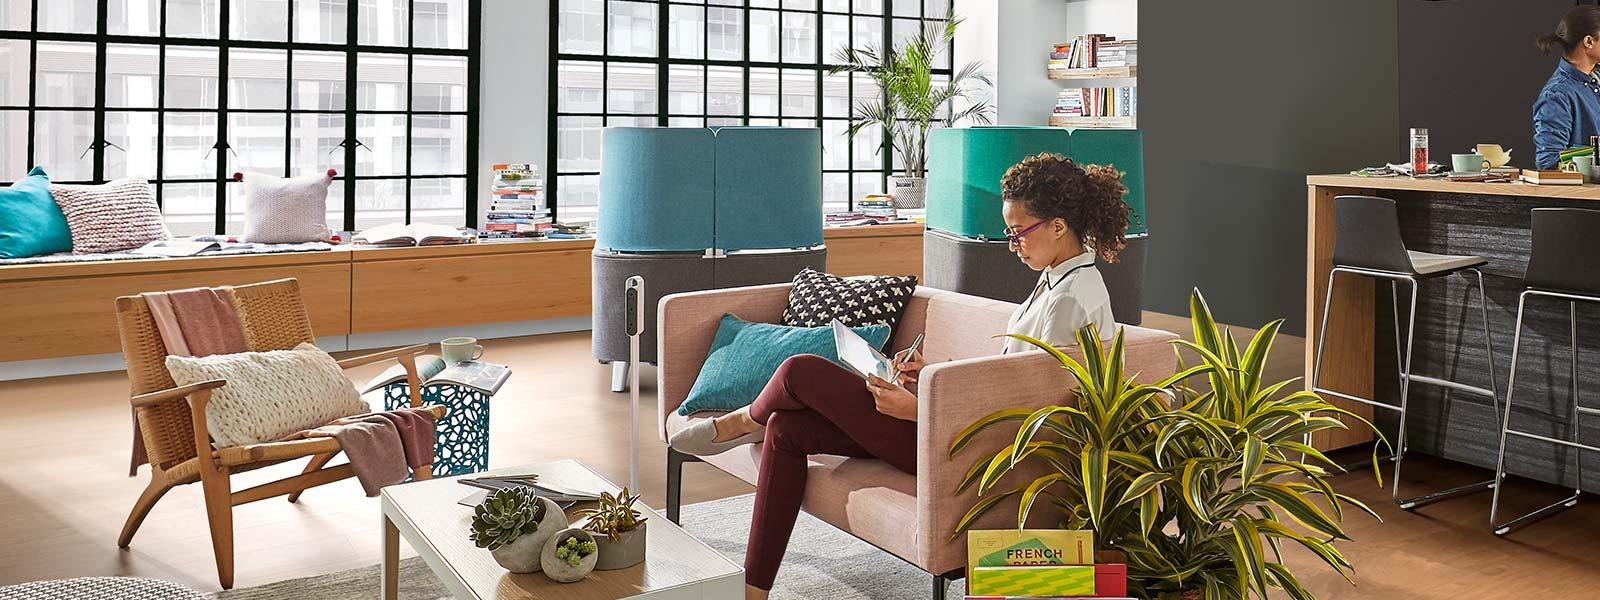 Steelcase-Umgebung mit Benutzern, die Surface-Geräte verwenden.